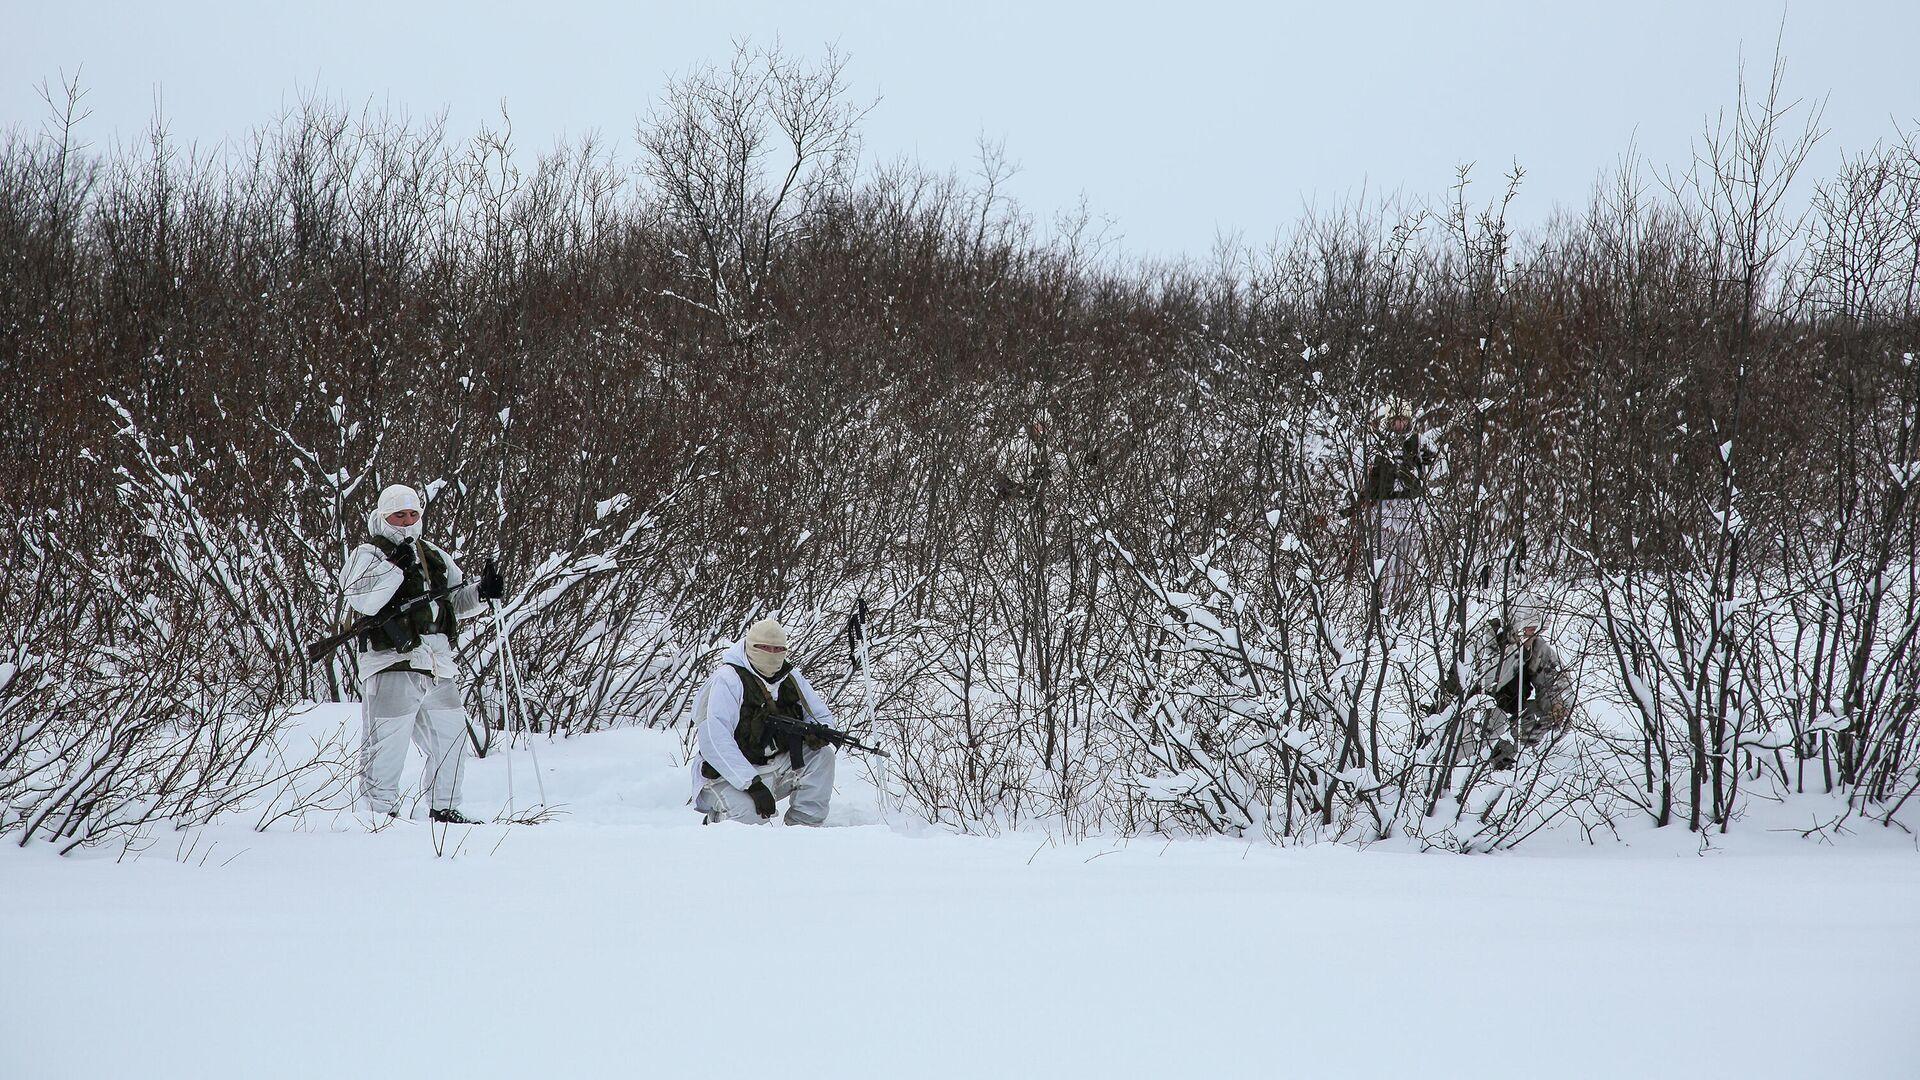 Подразделения ПВО в Арктике подняли по тревоге в рамках проверки